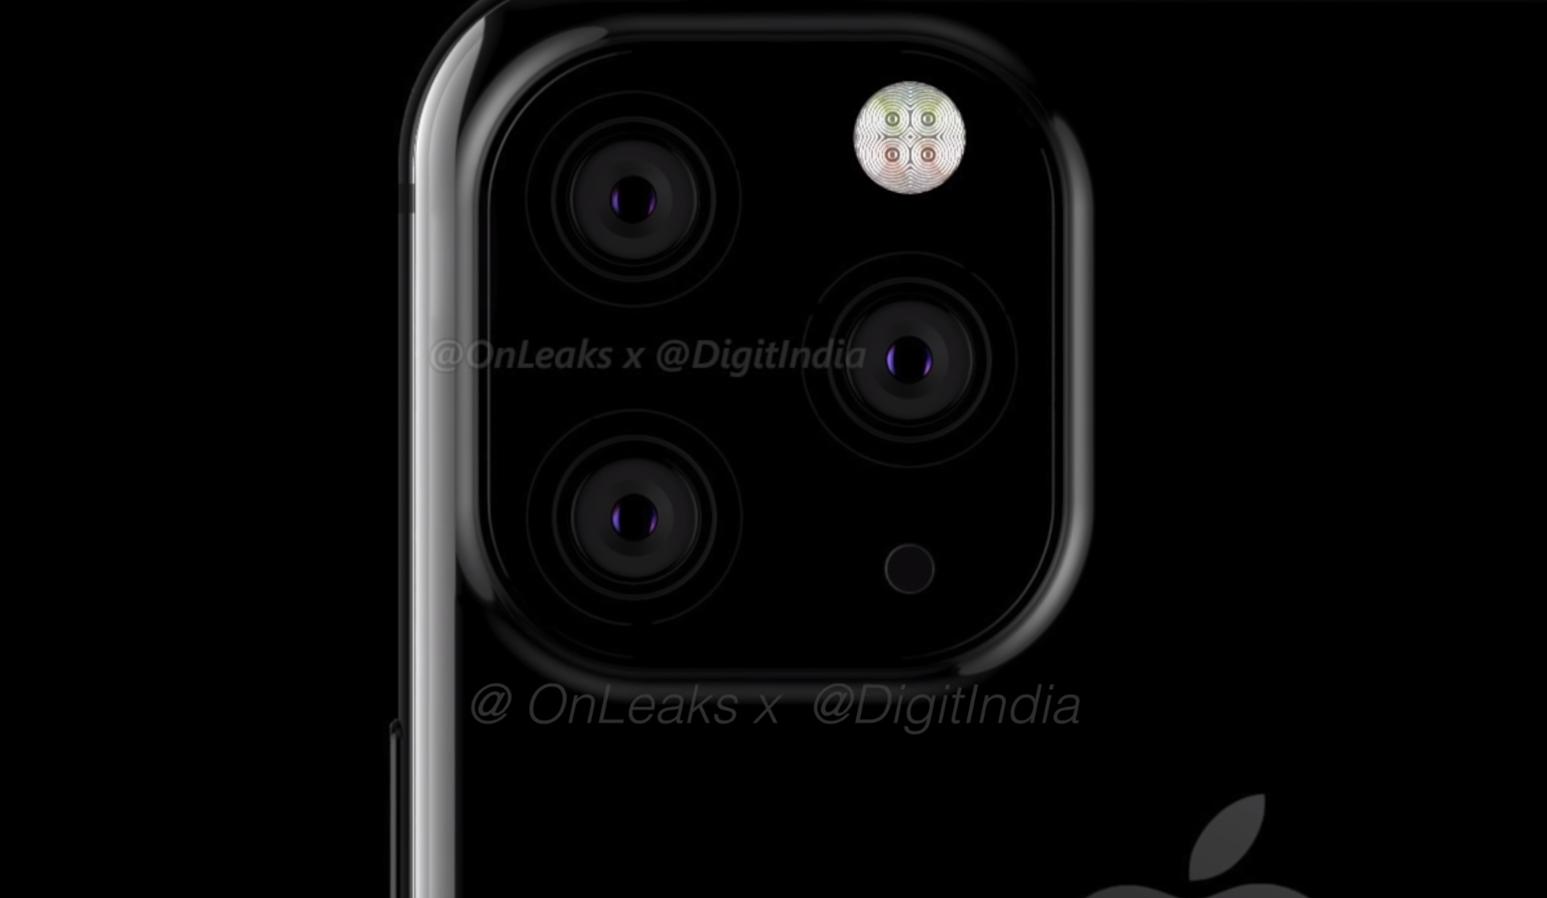 Slik blir iPhone 11-kamera-systemet - slik skal Apple skjule det